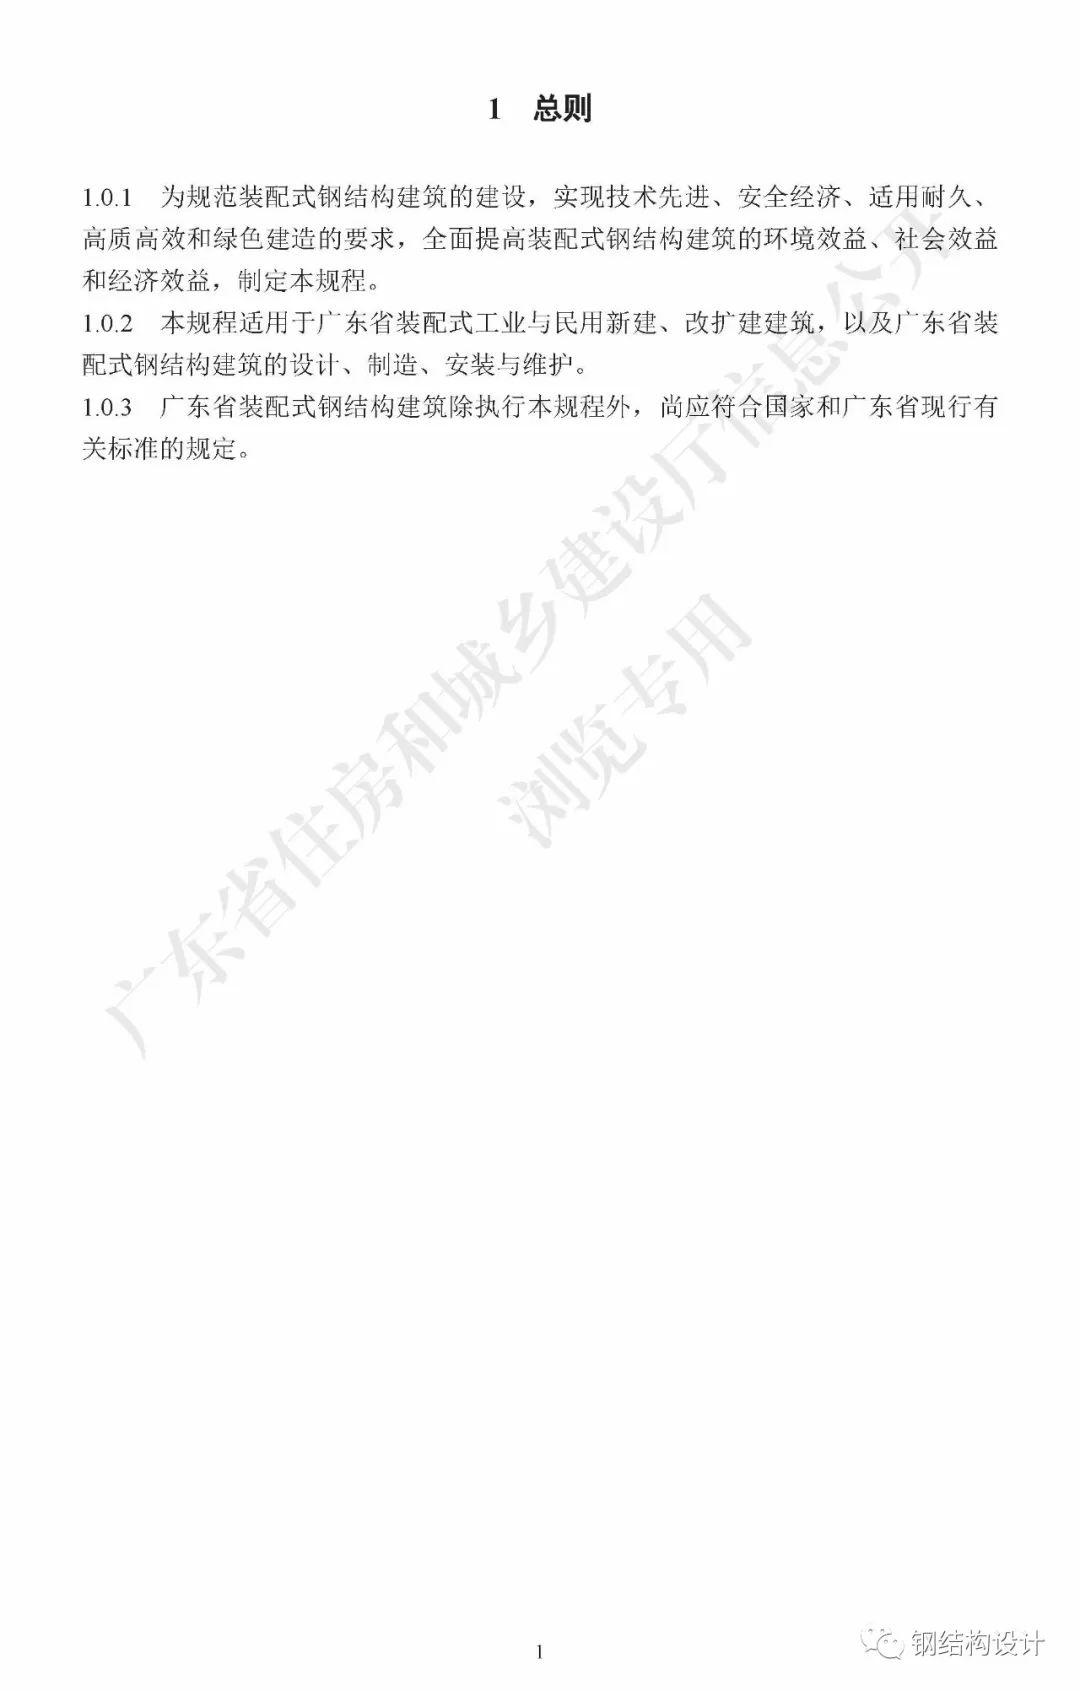 广东省《装配式钢结构建筑技术规程》发布_11